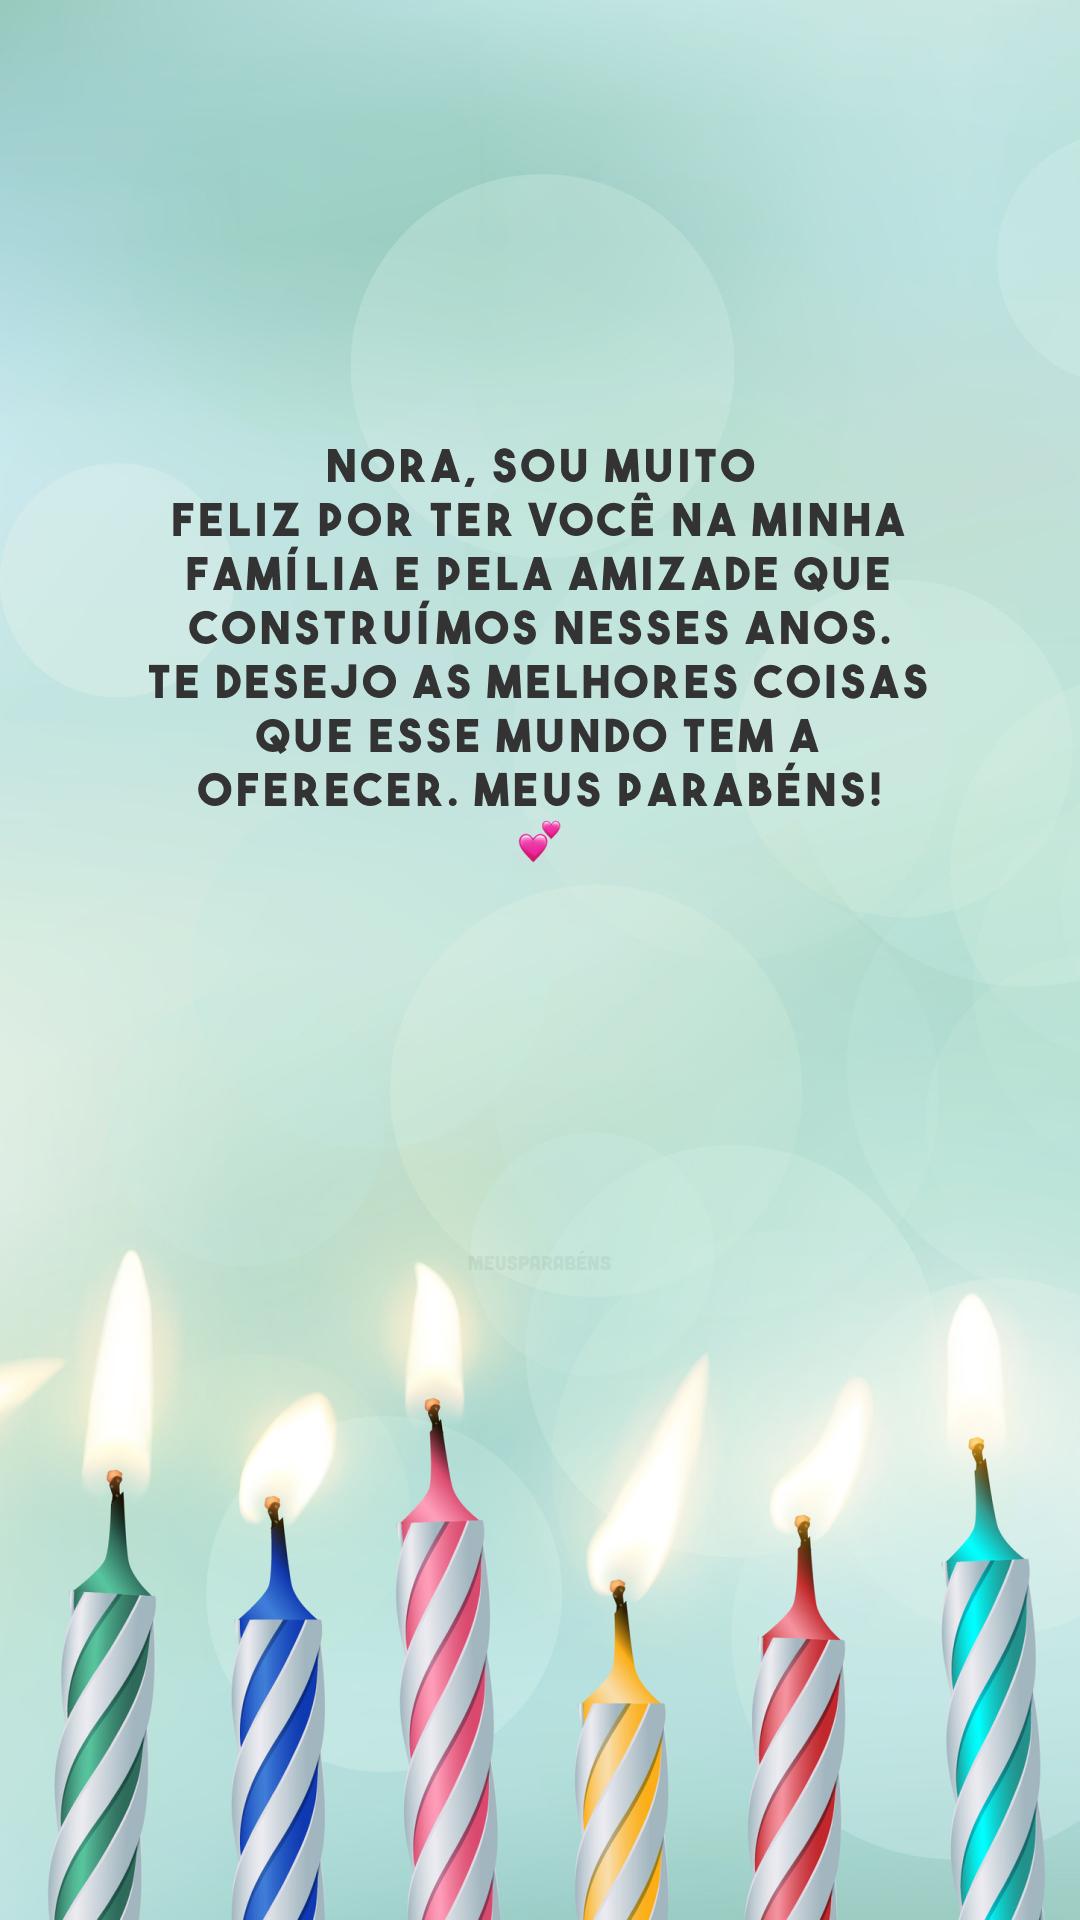 Nora, sou muito feliz por ter você na minha família e pela amizade que construímos nesses anos. Te desejo as melhores coisas que esse mundo tem a oferecer. Meus parabéns! 💕